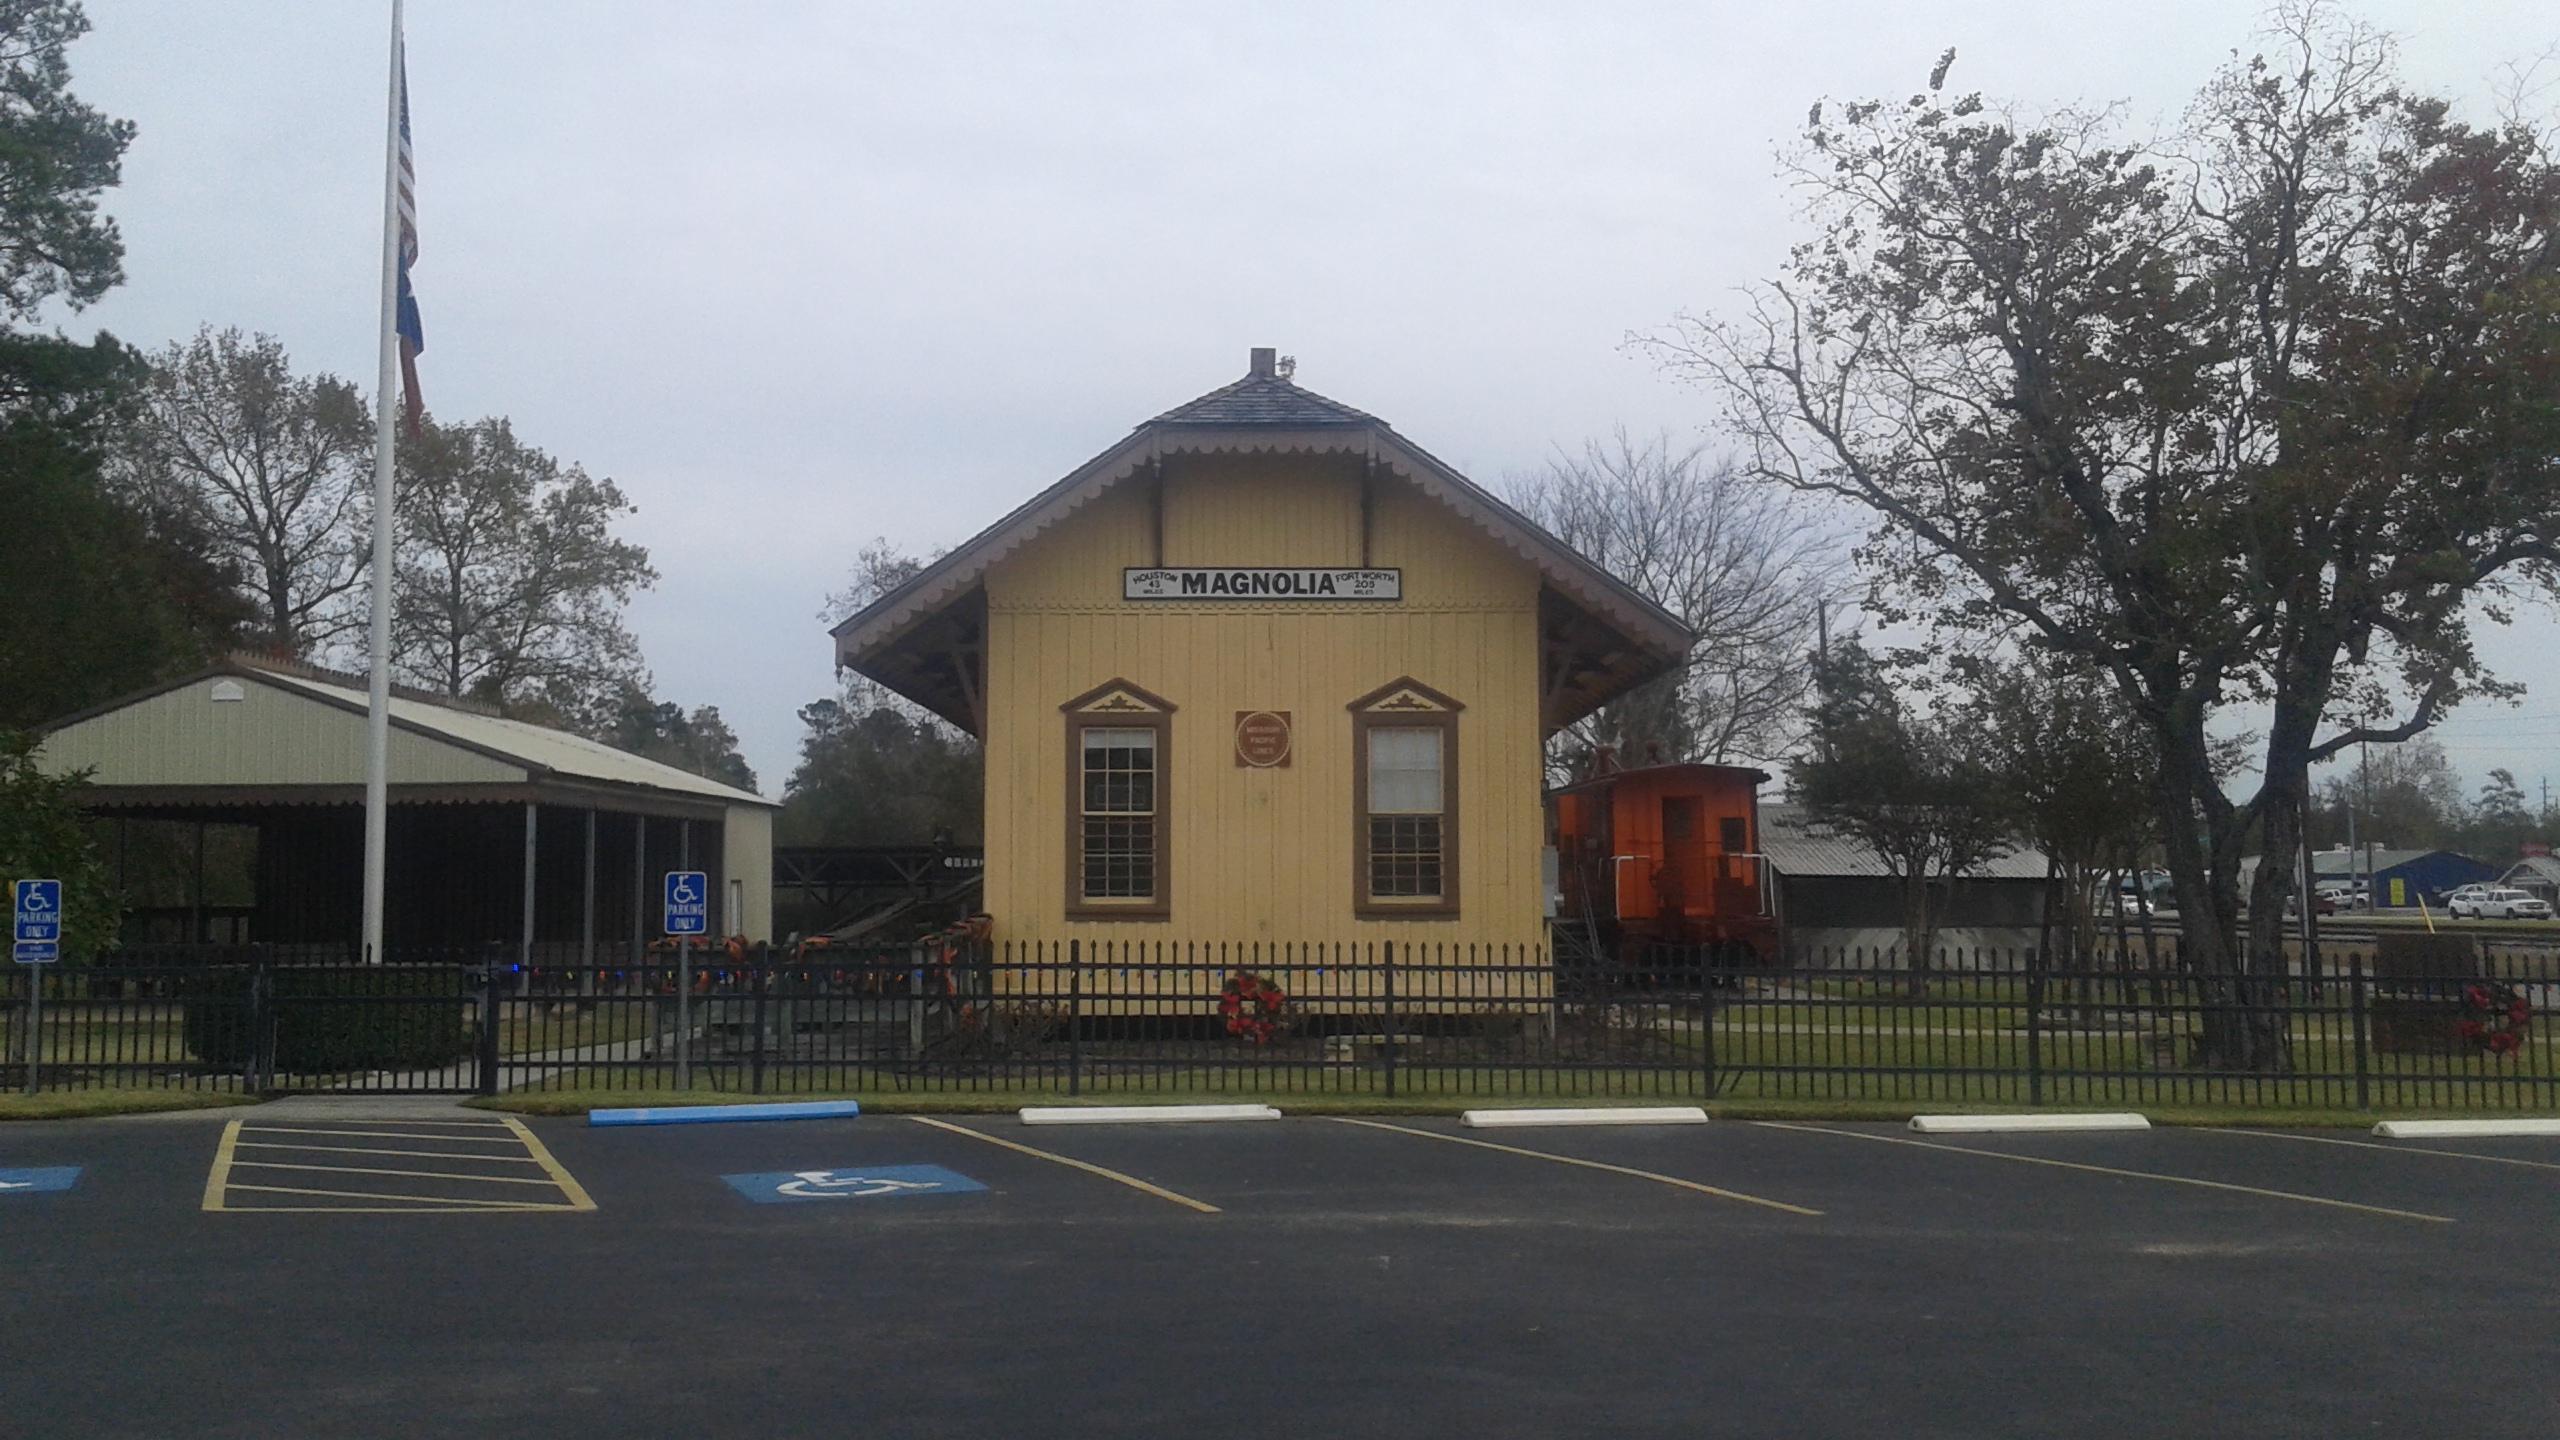 ماغنوليا (تكساس)